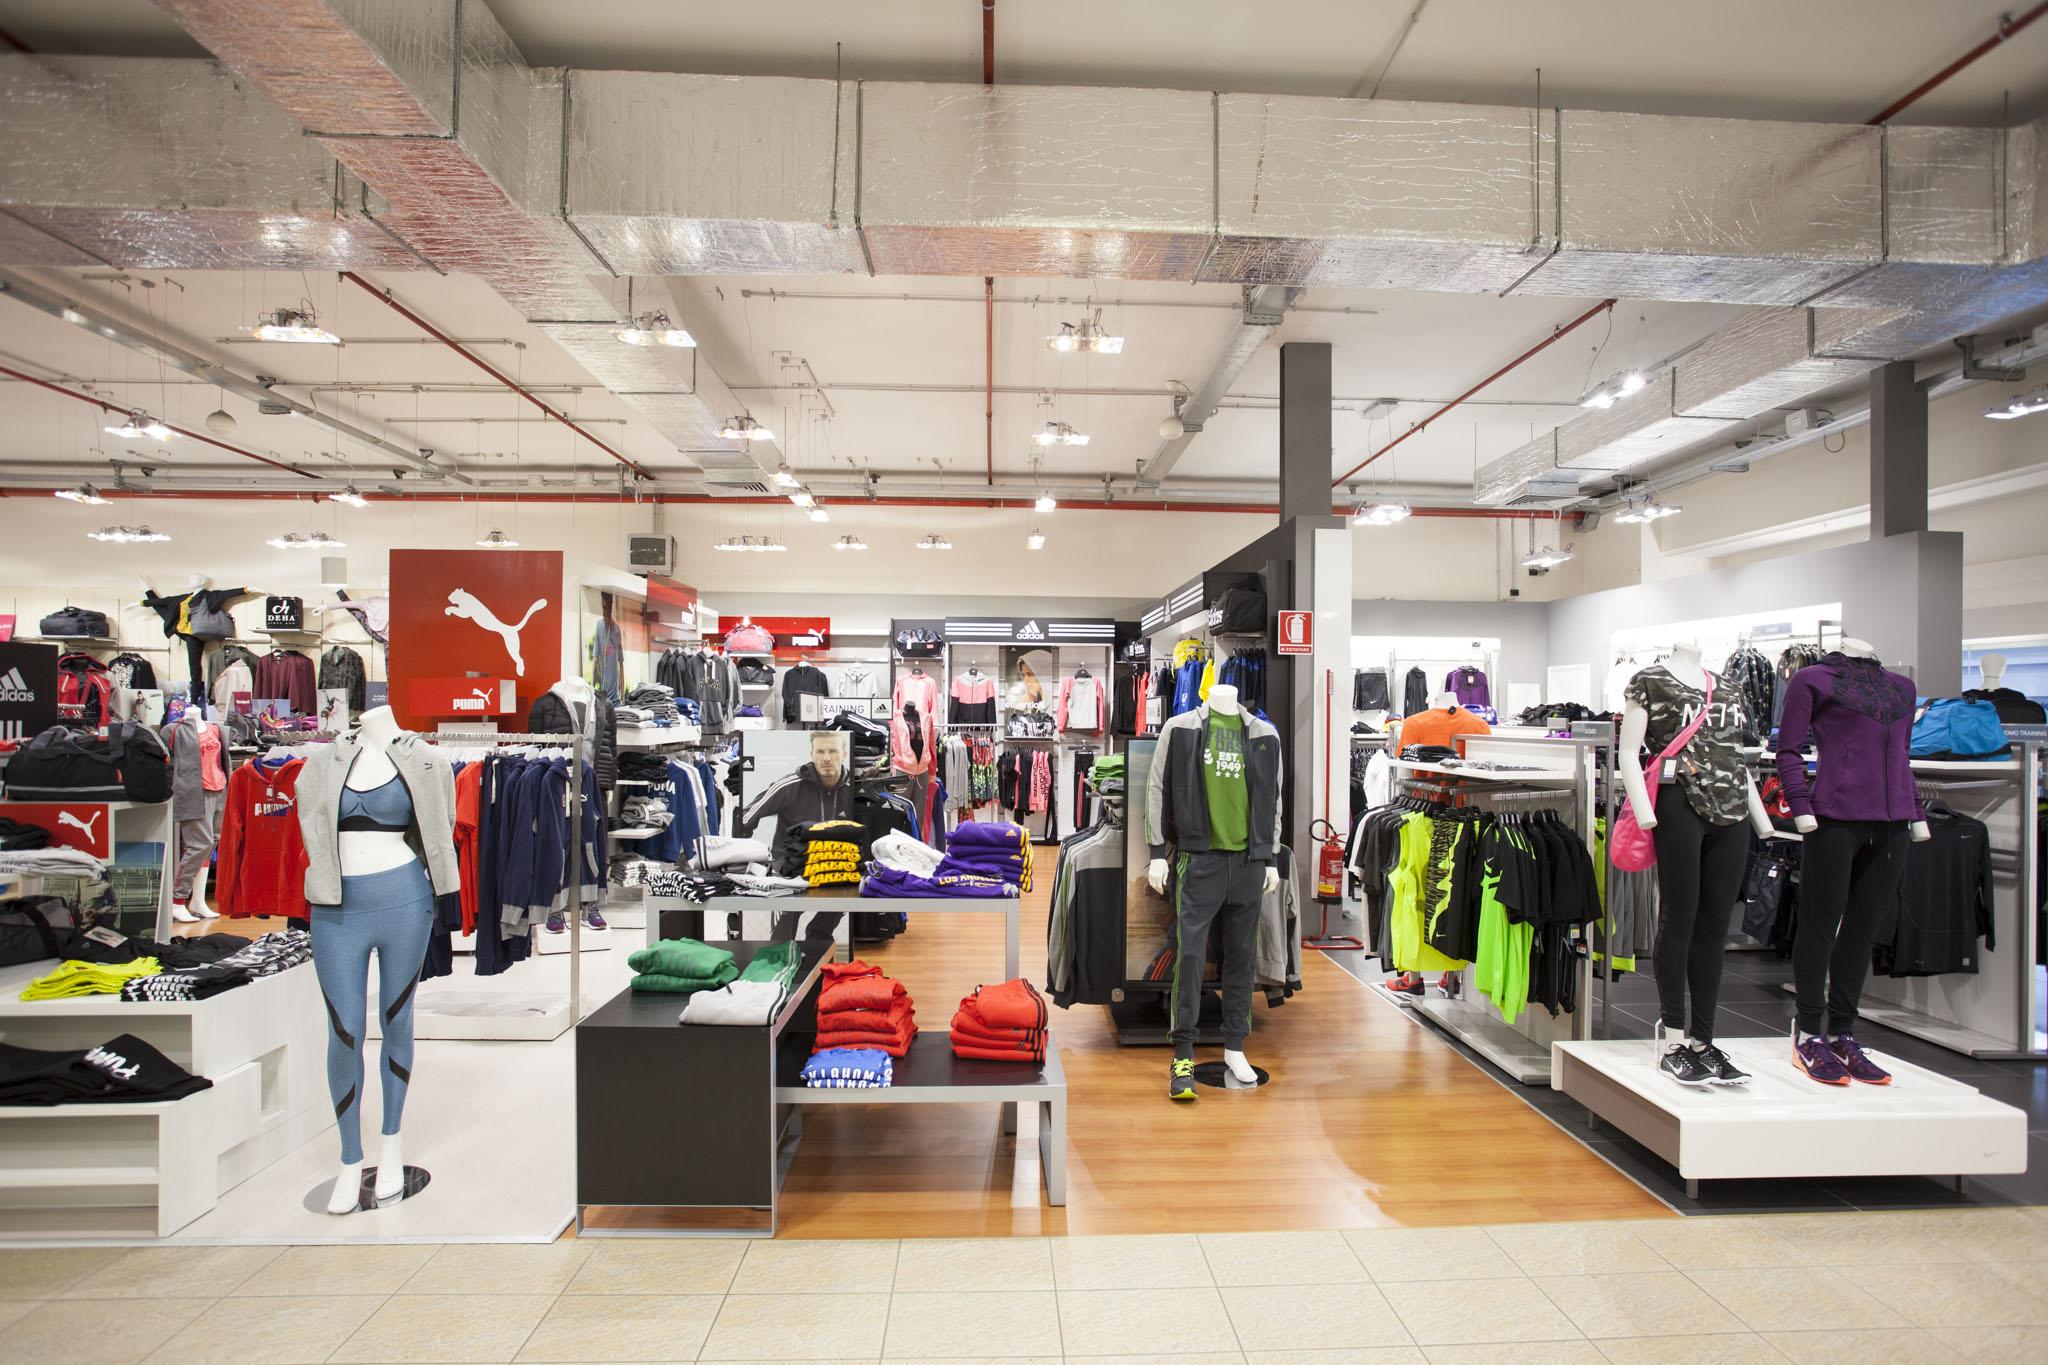 57b532b9d ... Toce è il più grande della rete Sportway e offre alla sua clientela  un'ampia scelta dei migliori marchi dell'articolo sportivo e dello  Sportwear.